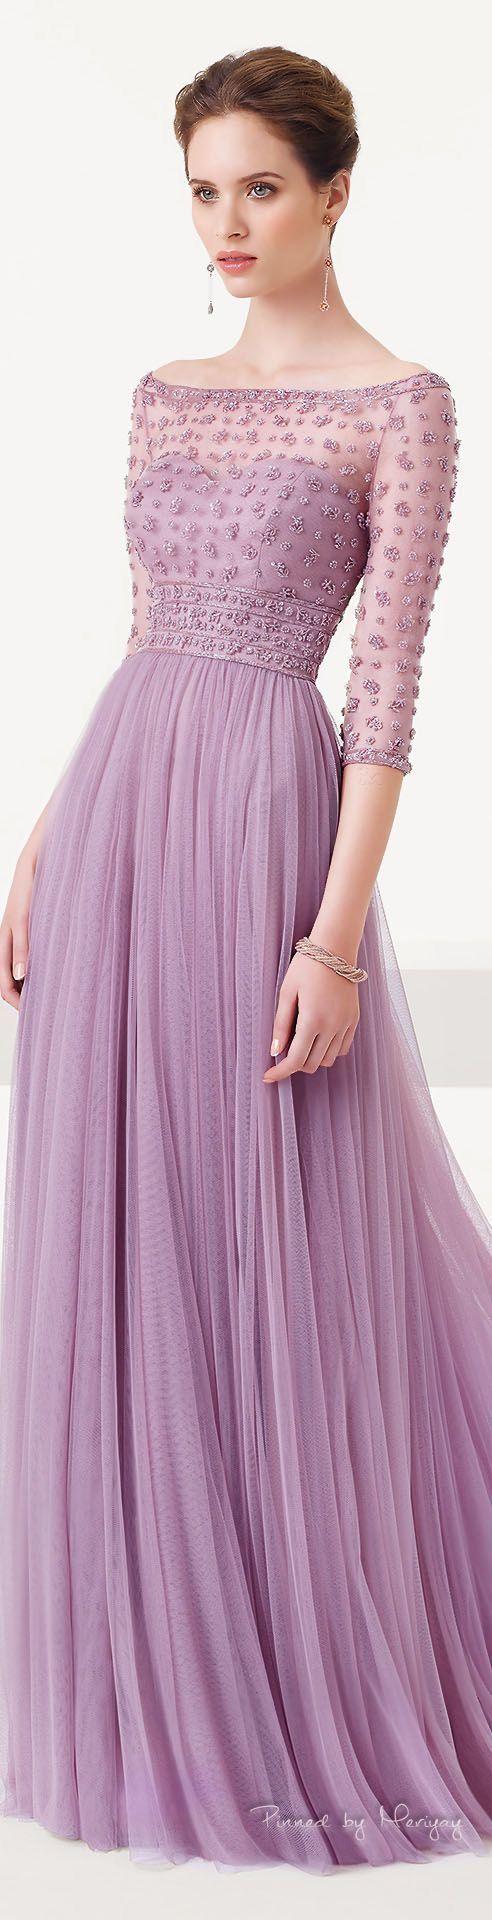 Pretty and beautiful dress